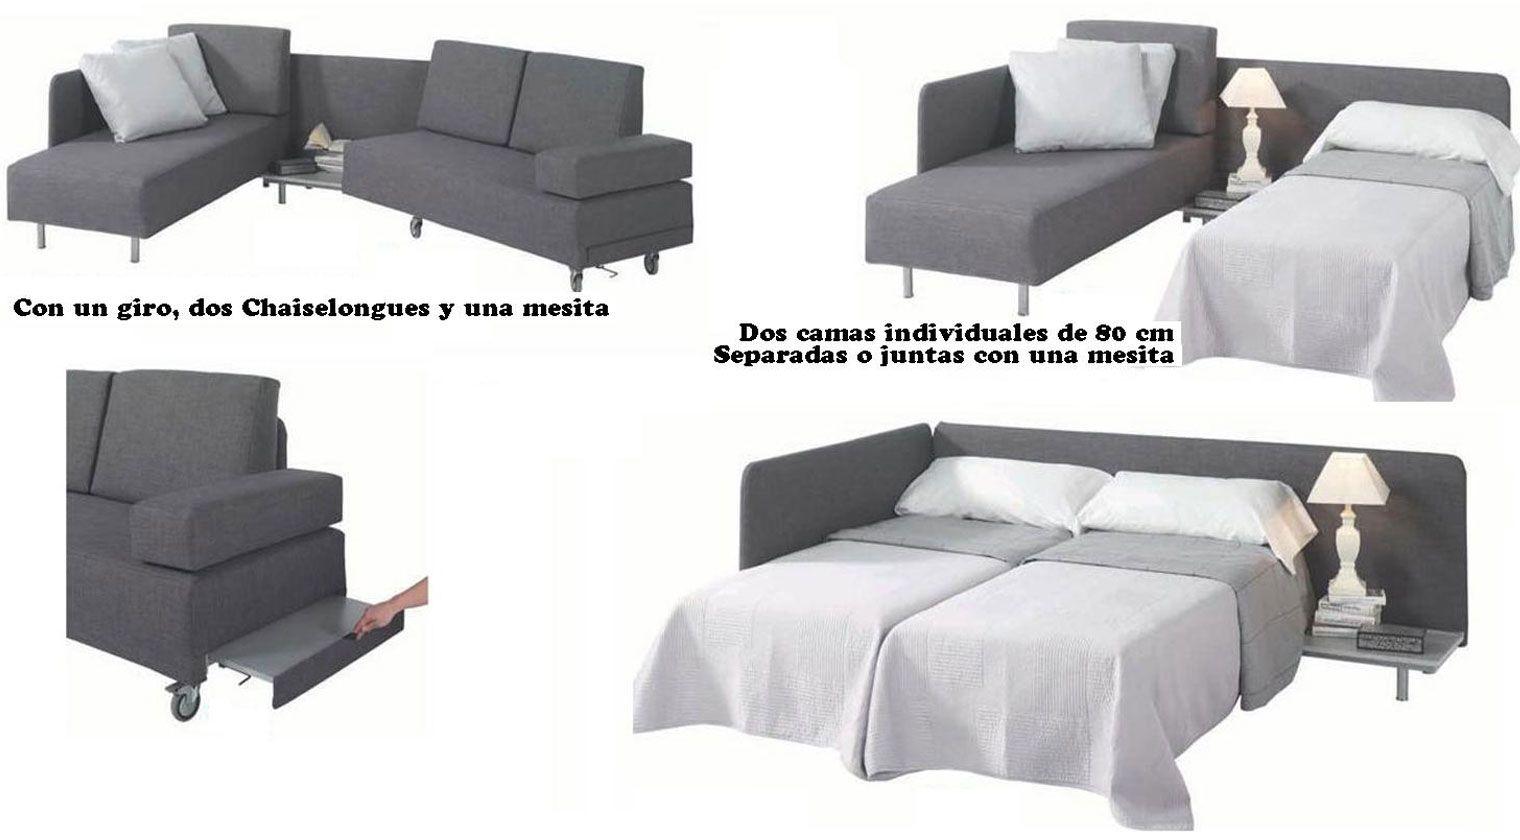 Comprar sof cama laval sofa 2 camas de 80 buzo for Donde comprar sillones sofa cama